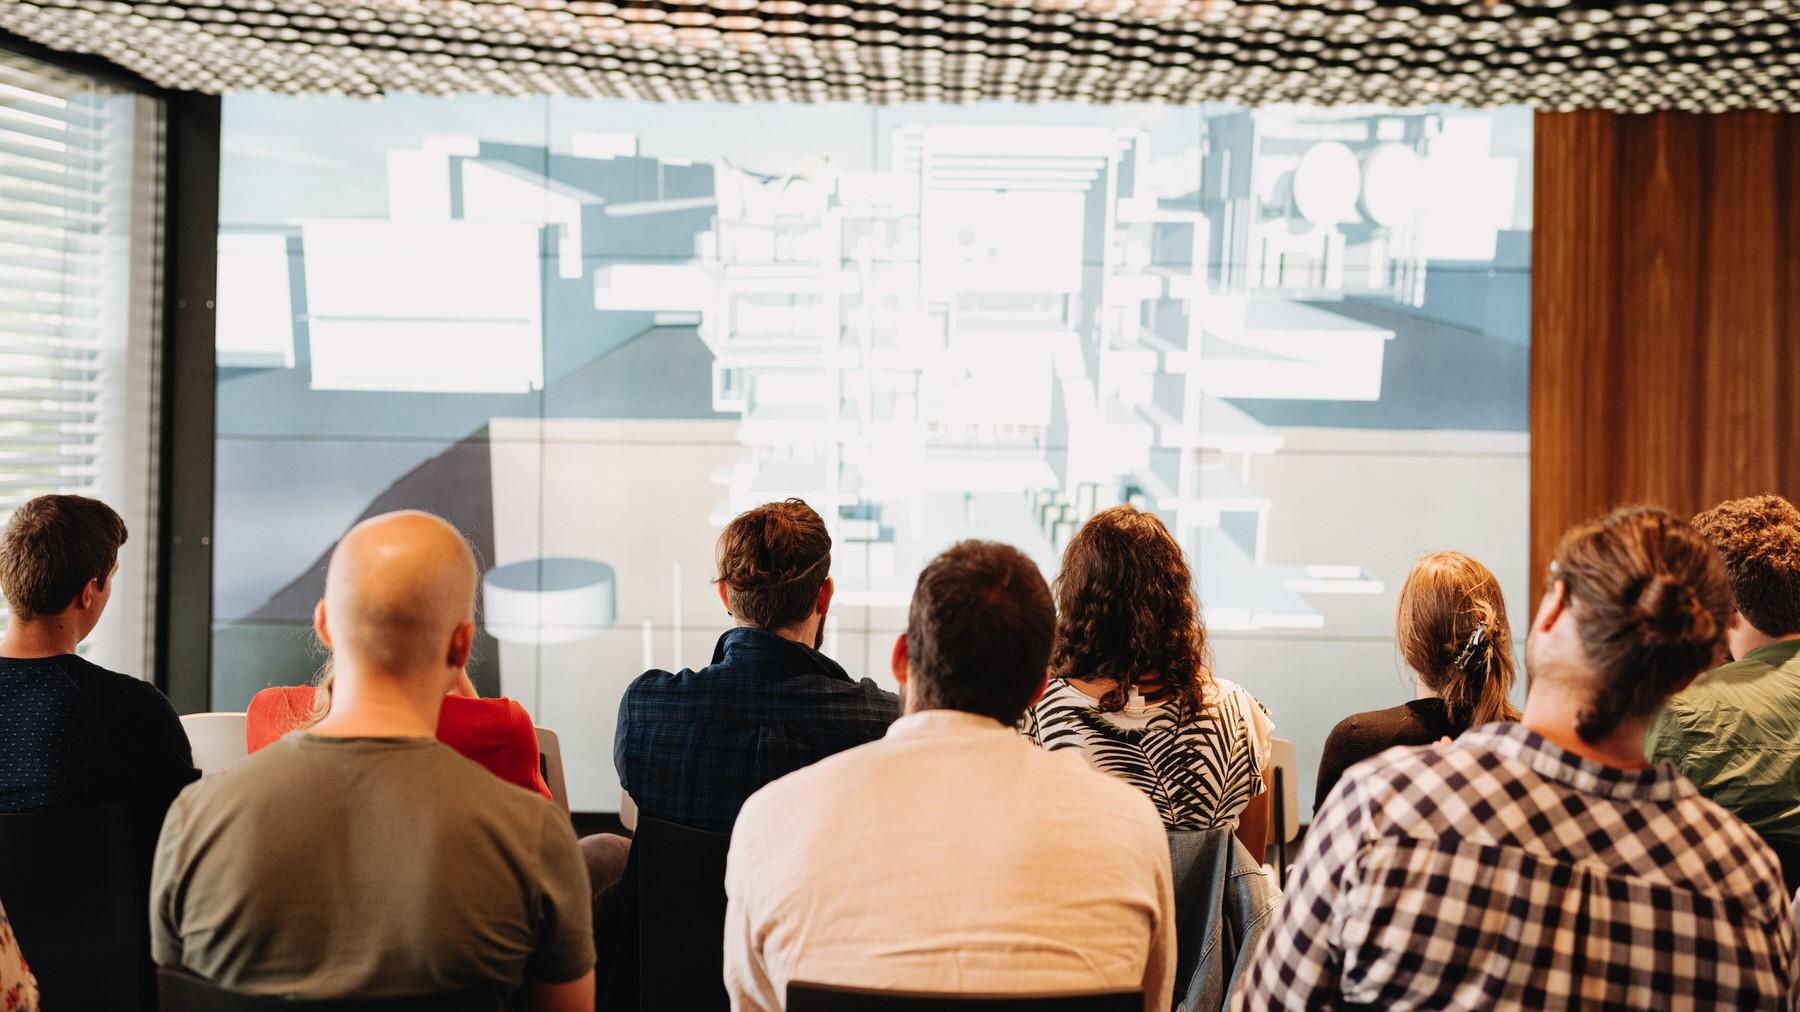 Personen verfolgen eine Präsentation an einer Fachtagung